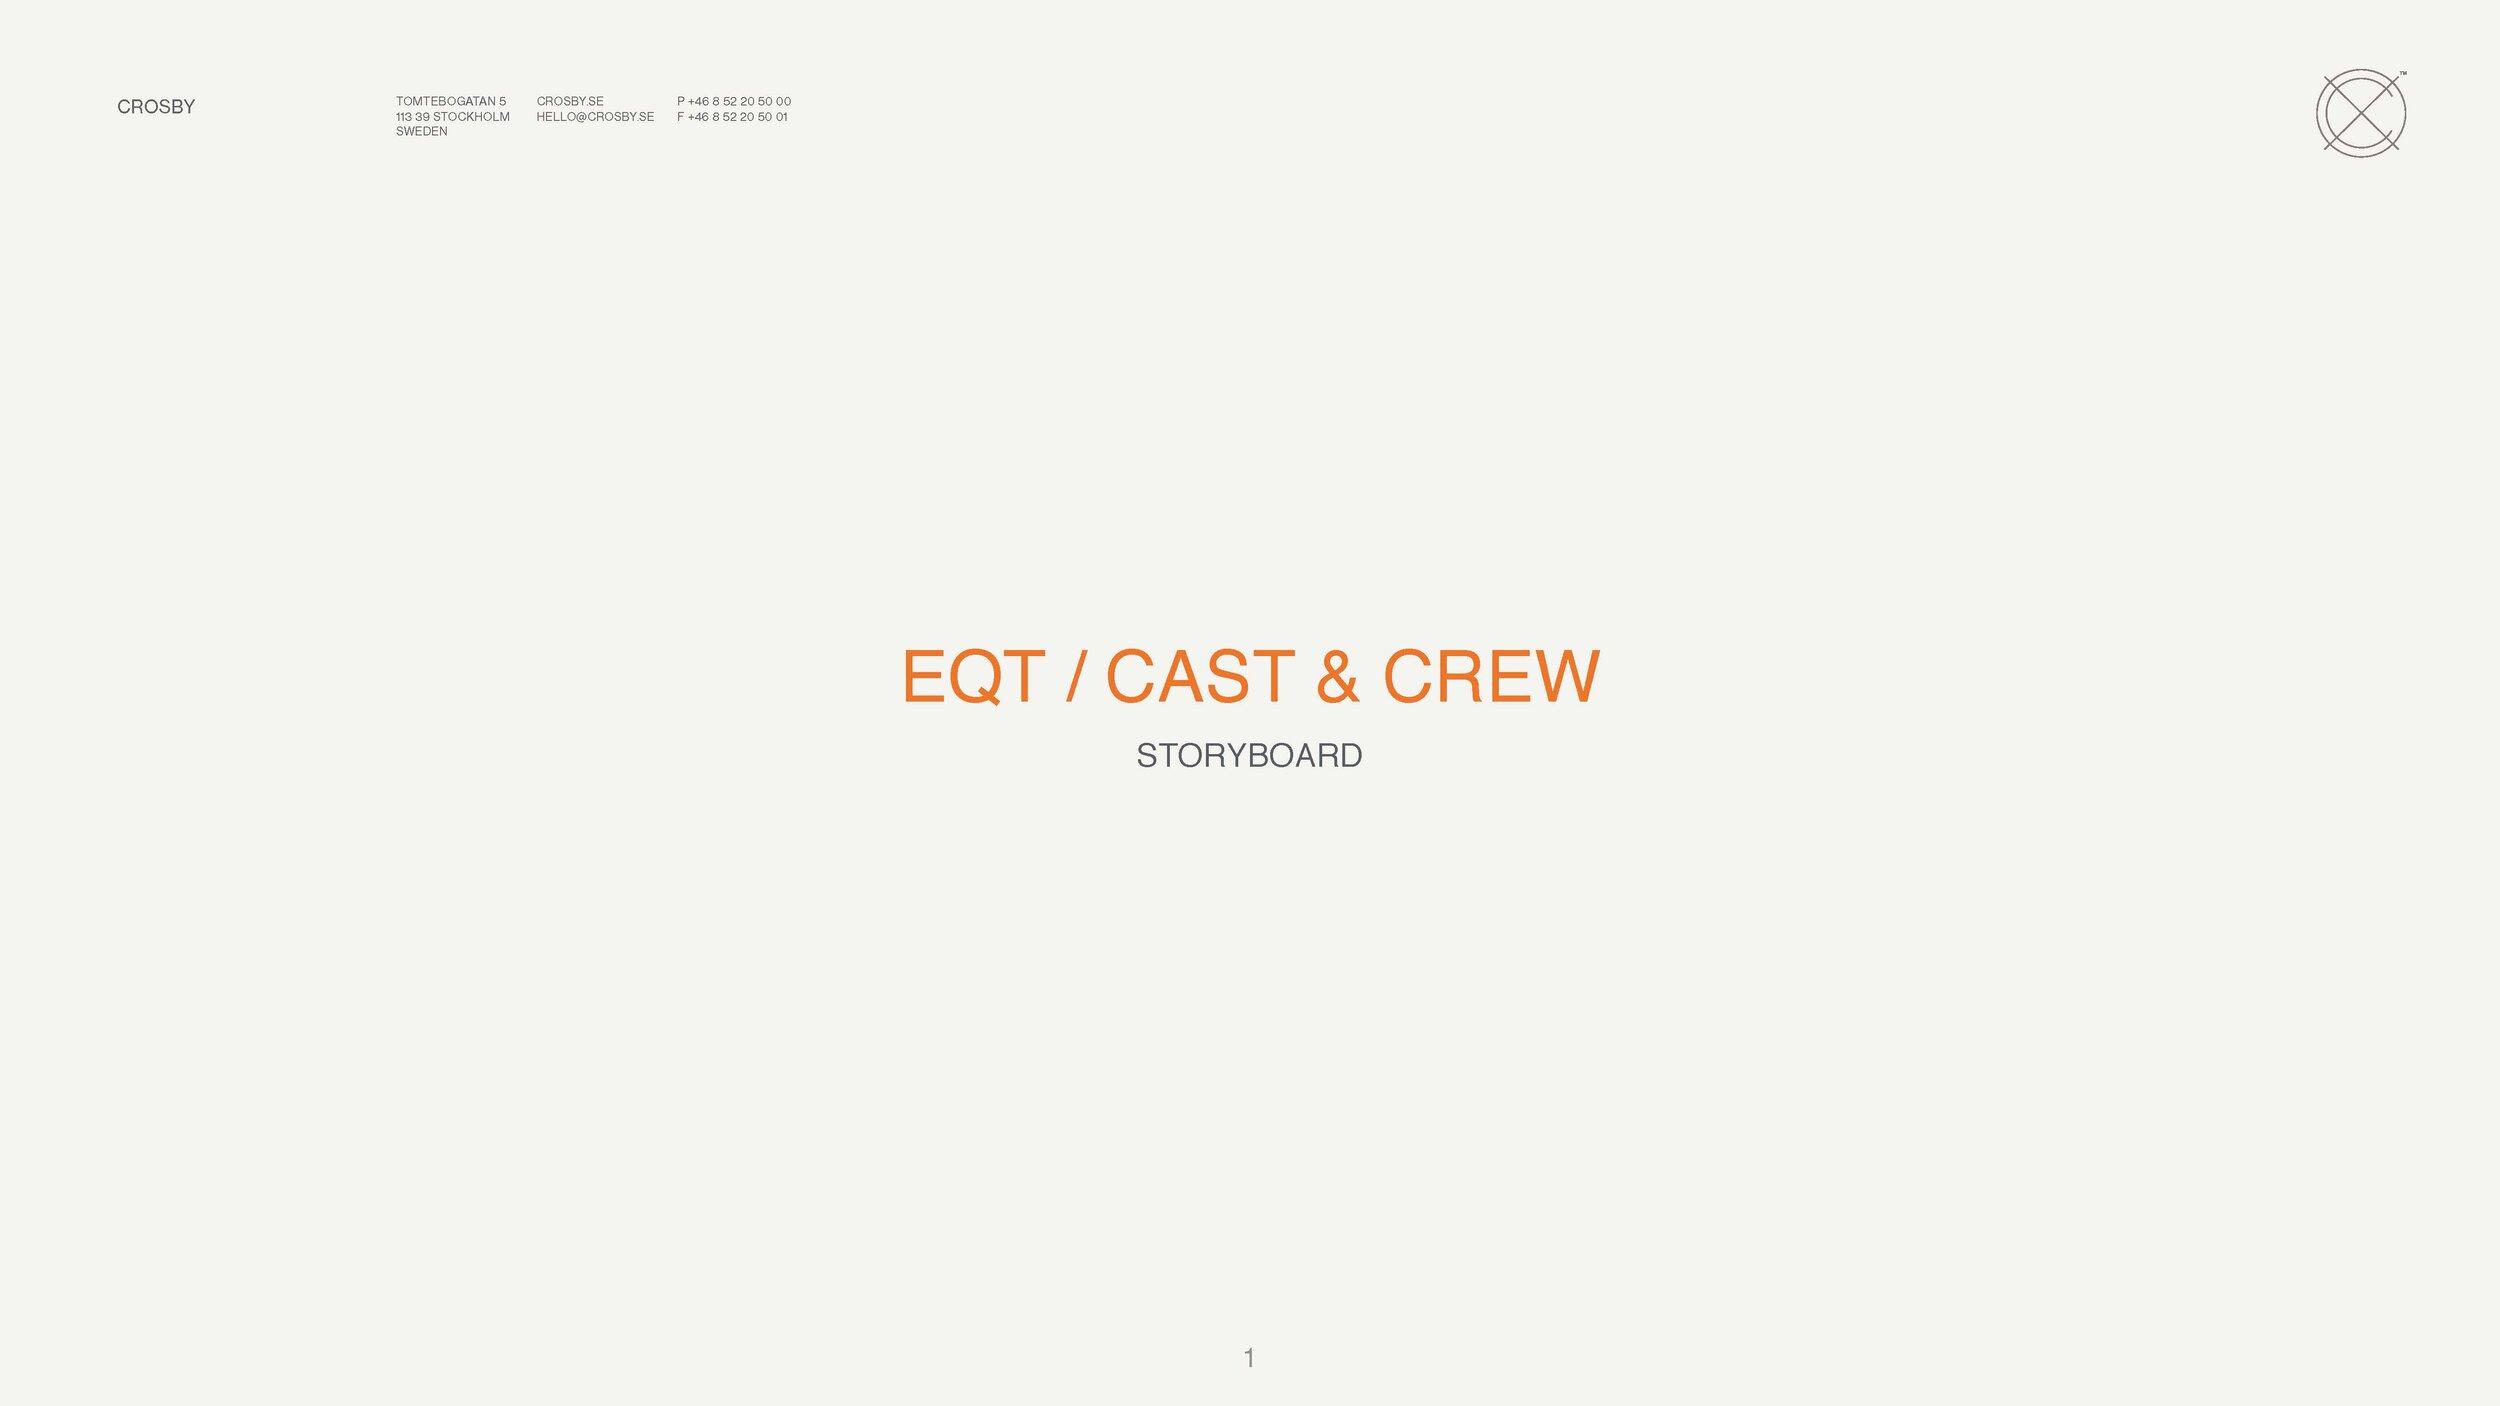 CastCrew_Storyboard_v2_Sida_01.jpg